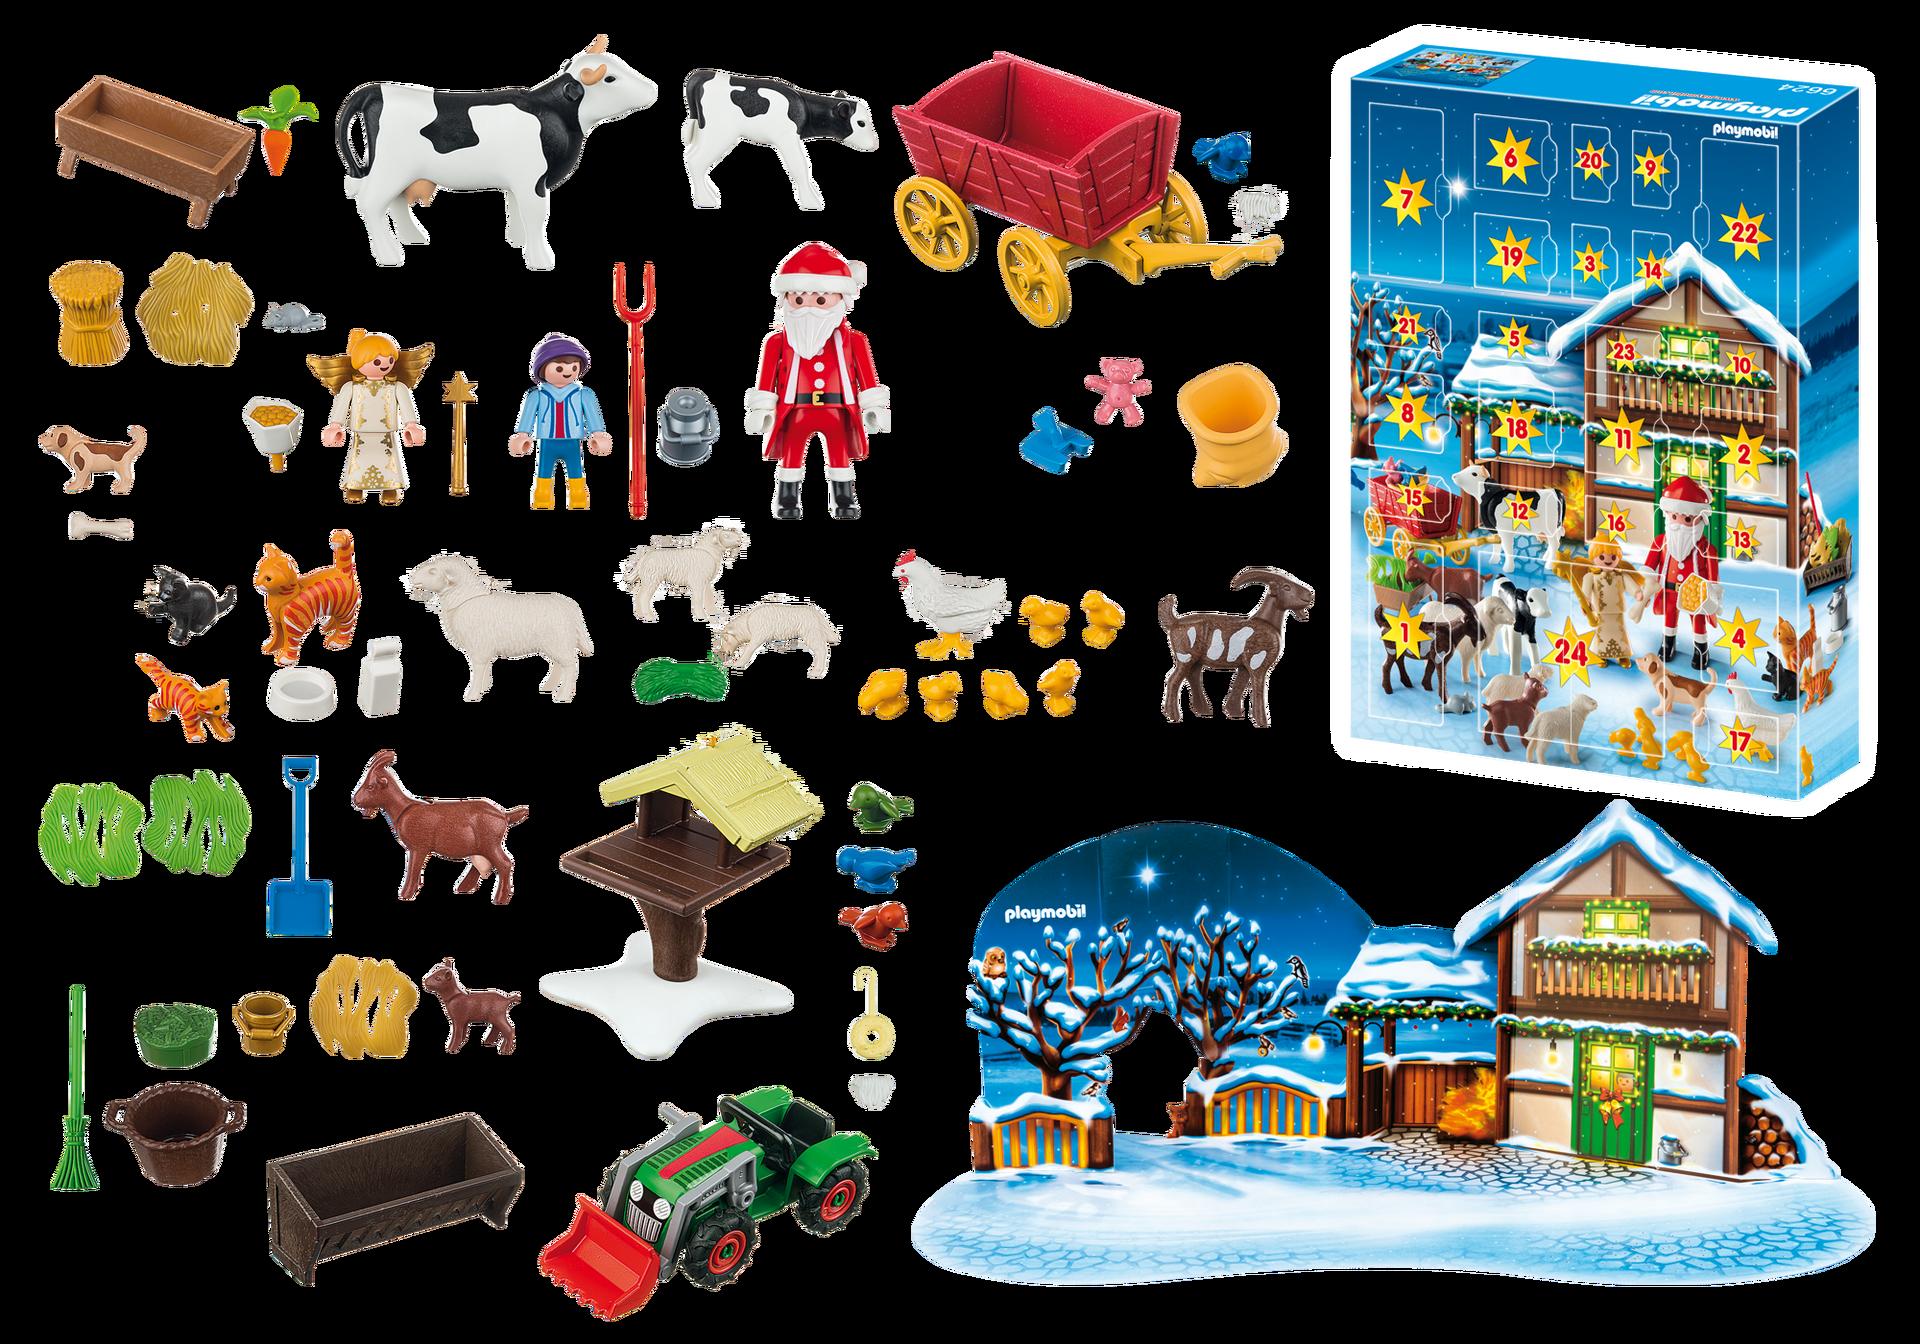 Playmobil Christmas Tree